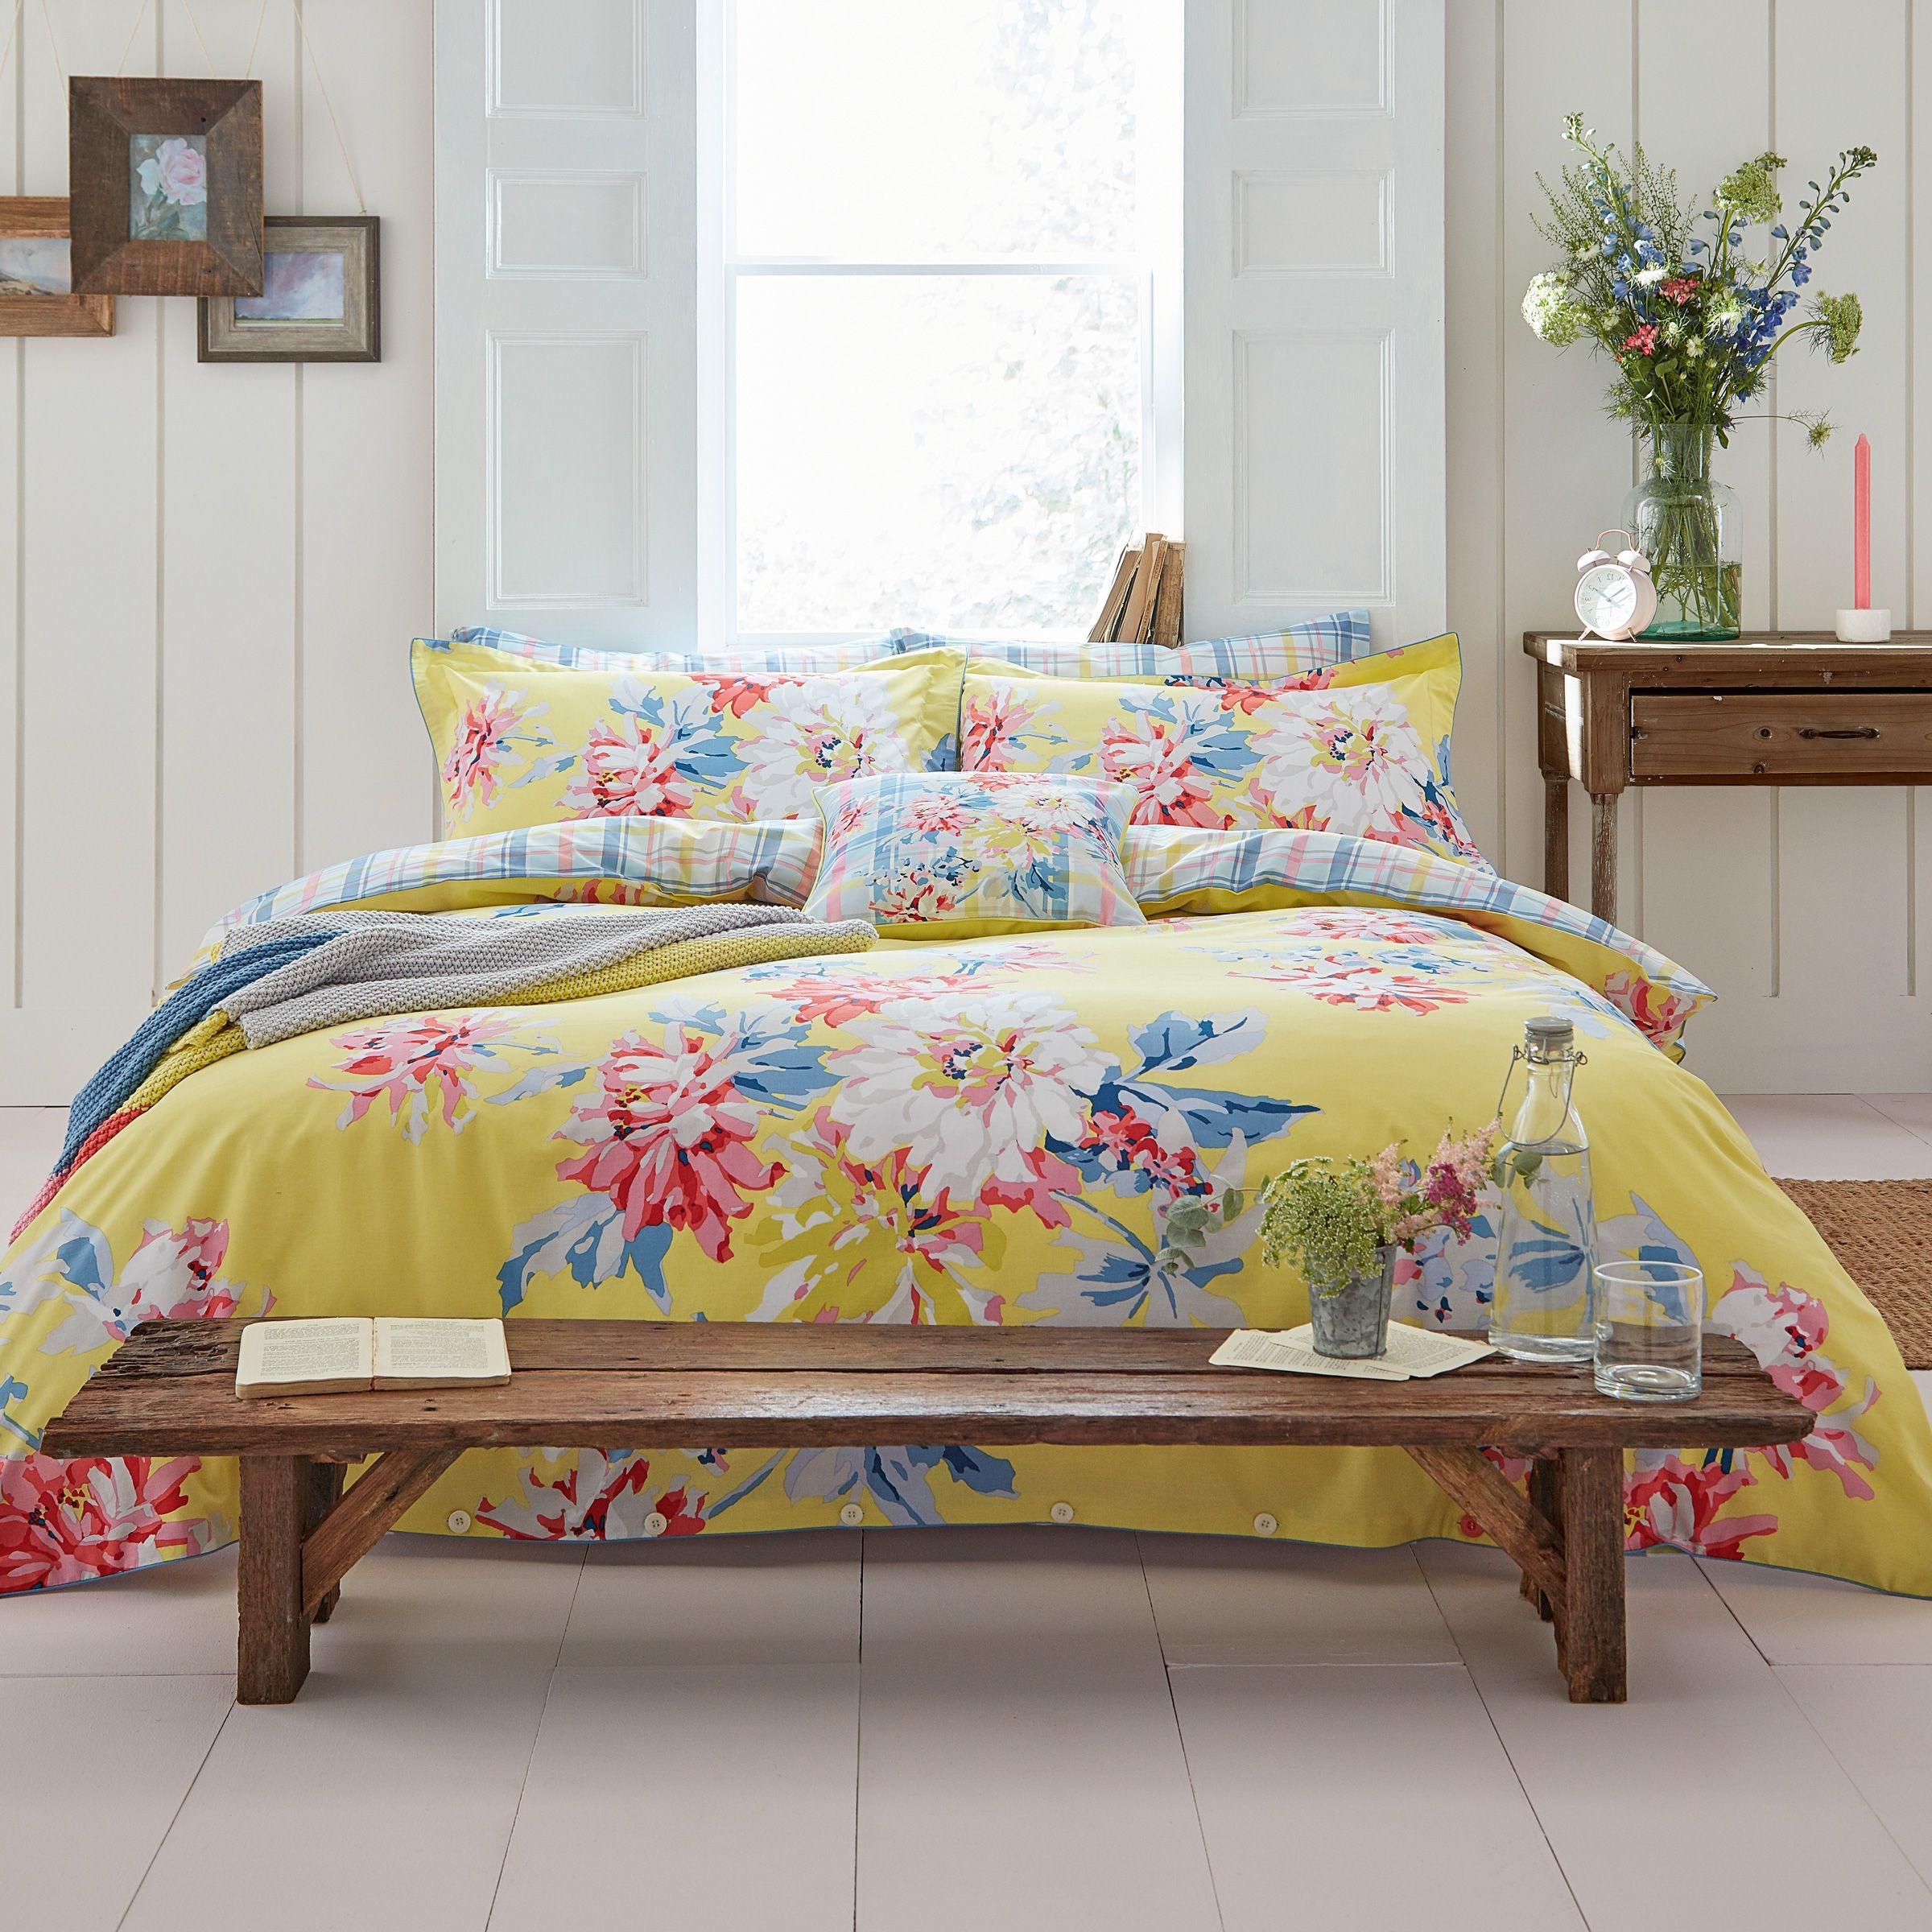 Floral ne veut pas dire ennuyeux - les couleurs vives rendront votre chambre unique.